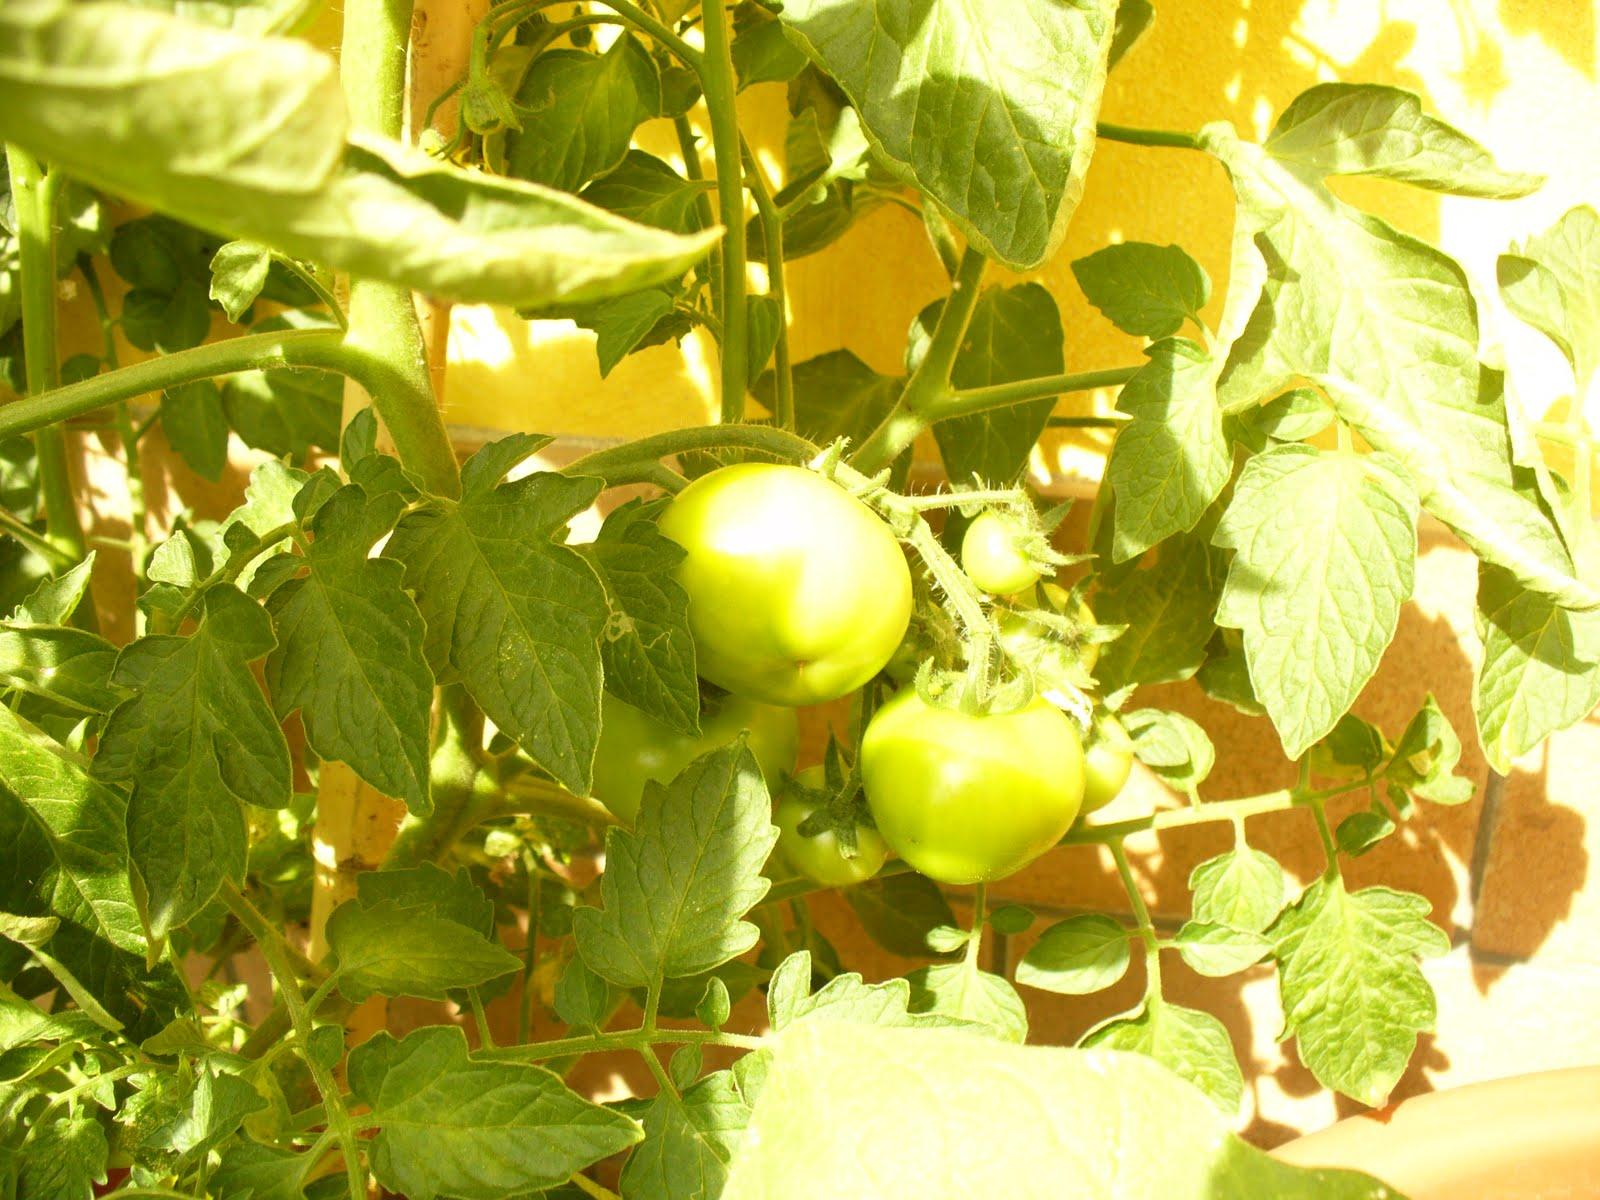 Il piccolo mondo di wonder perlina pomodori verdi fritti for Divano wonder